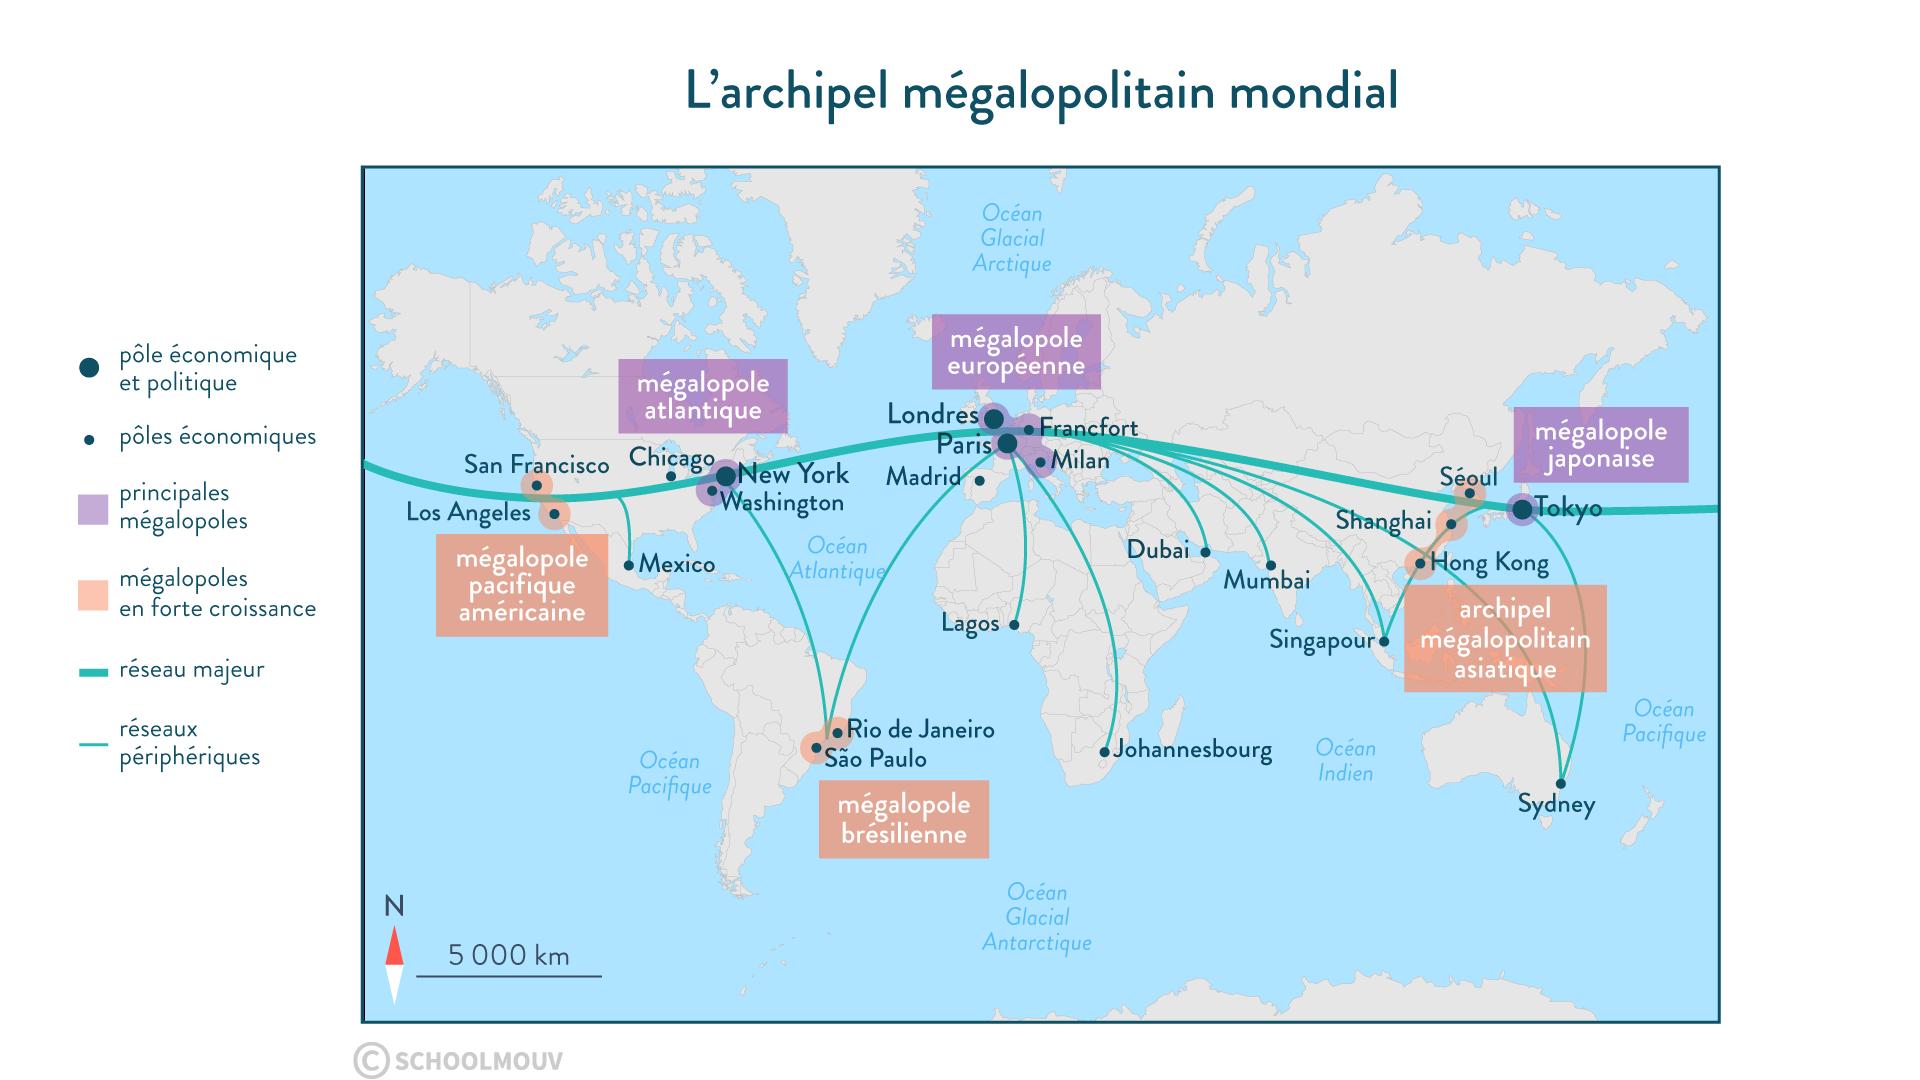 L'archipel mégalopolitain mondial - géographie - 1re - SchoolMouv